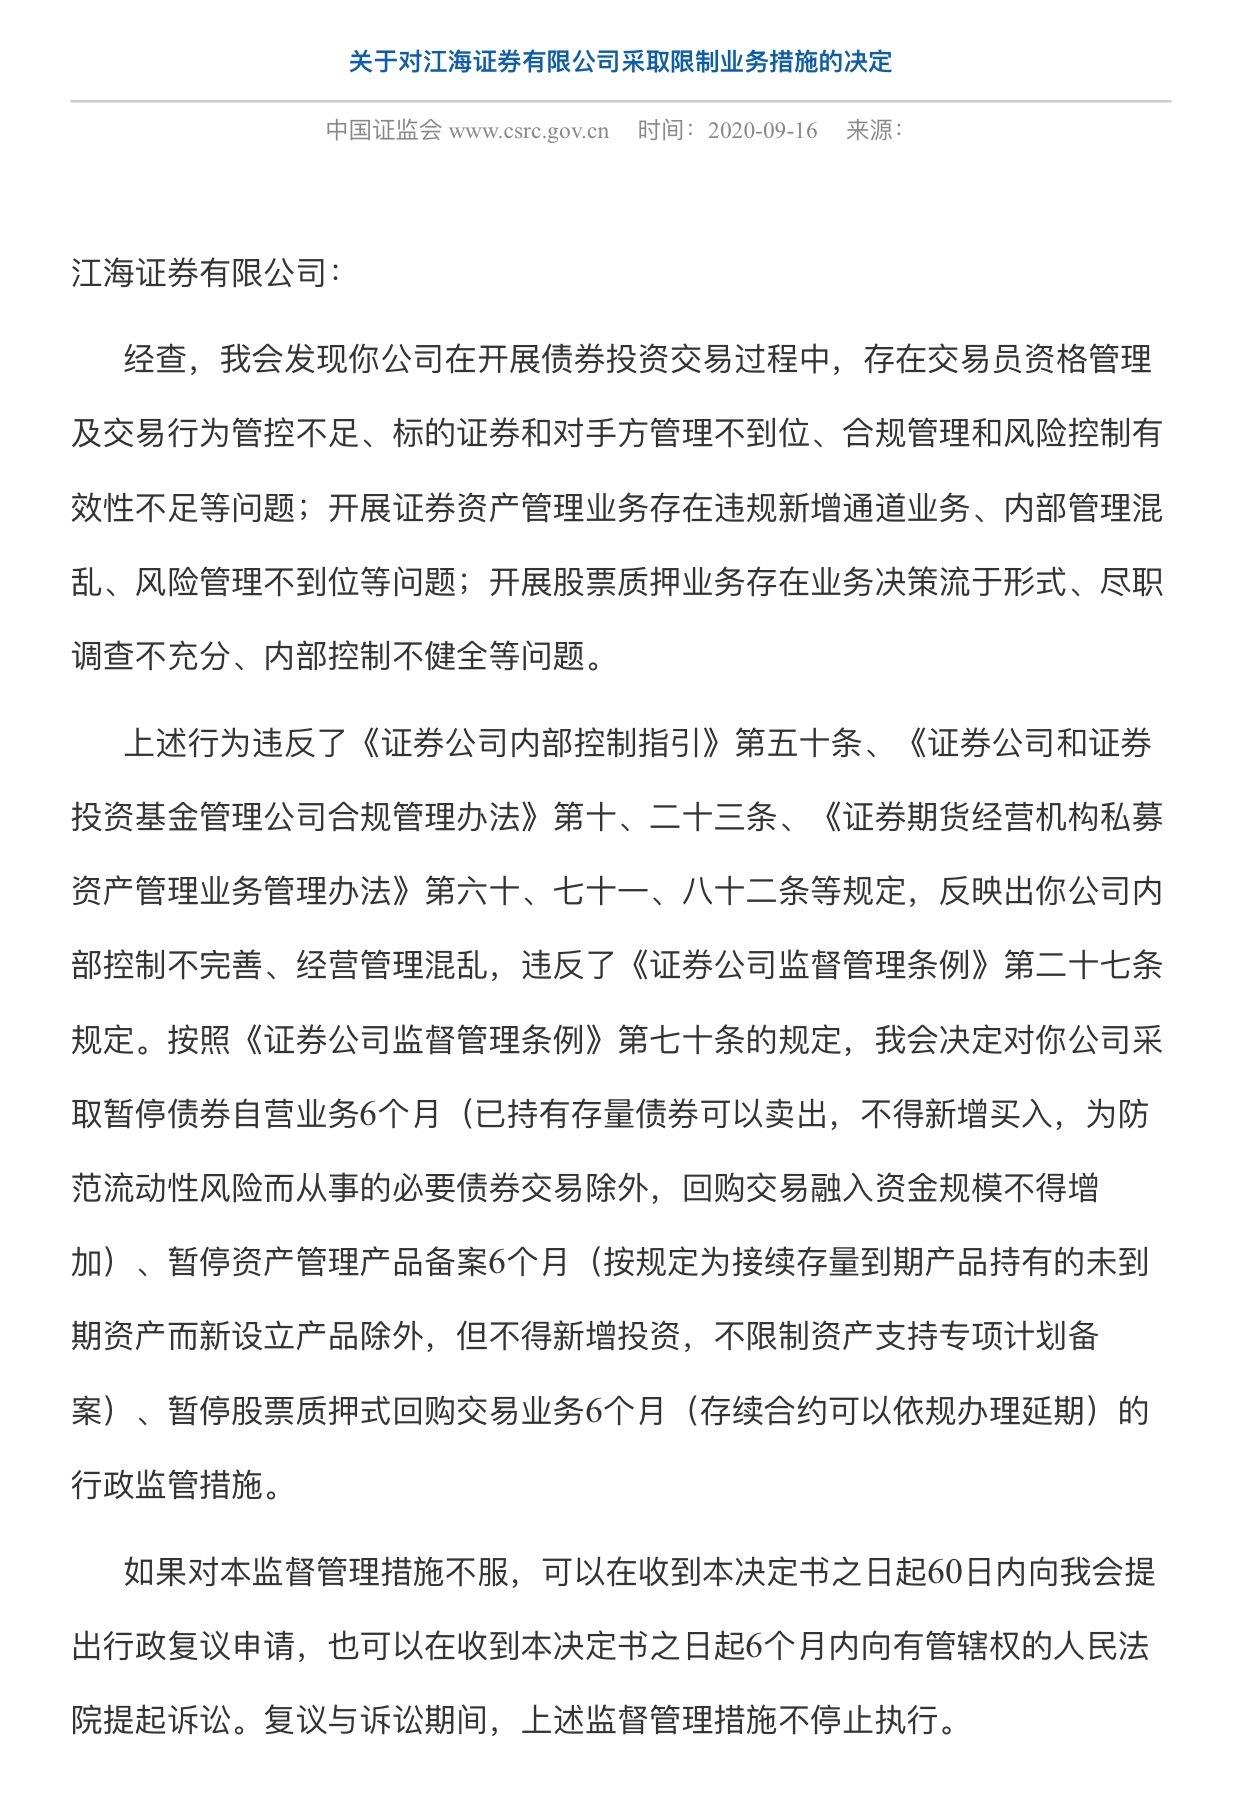 江海证券正式处罚落地!三项业务暂停6个月,受罚高管由5人变4人,经纪与投行硕果仅存